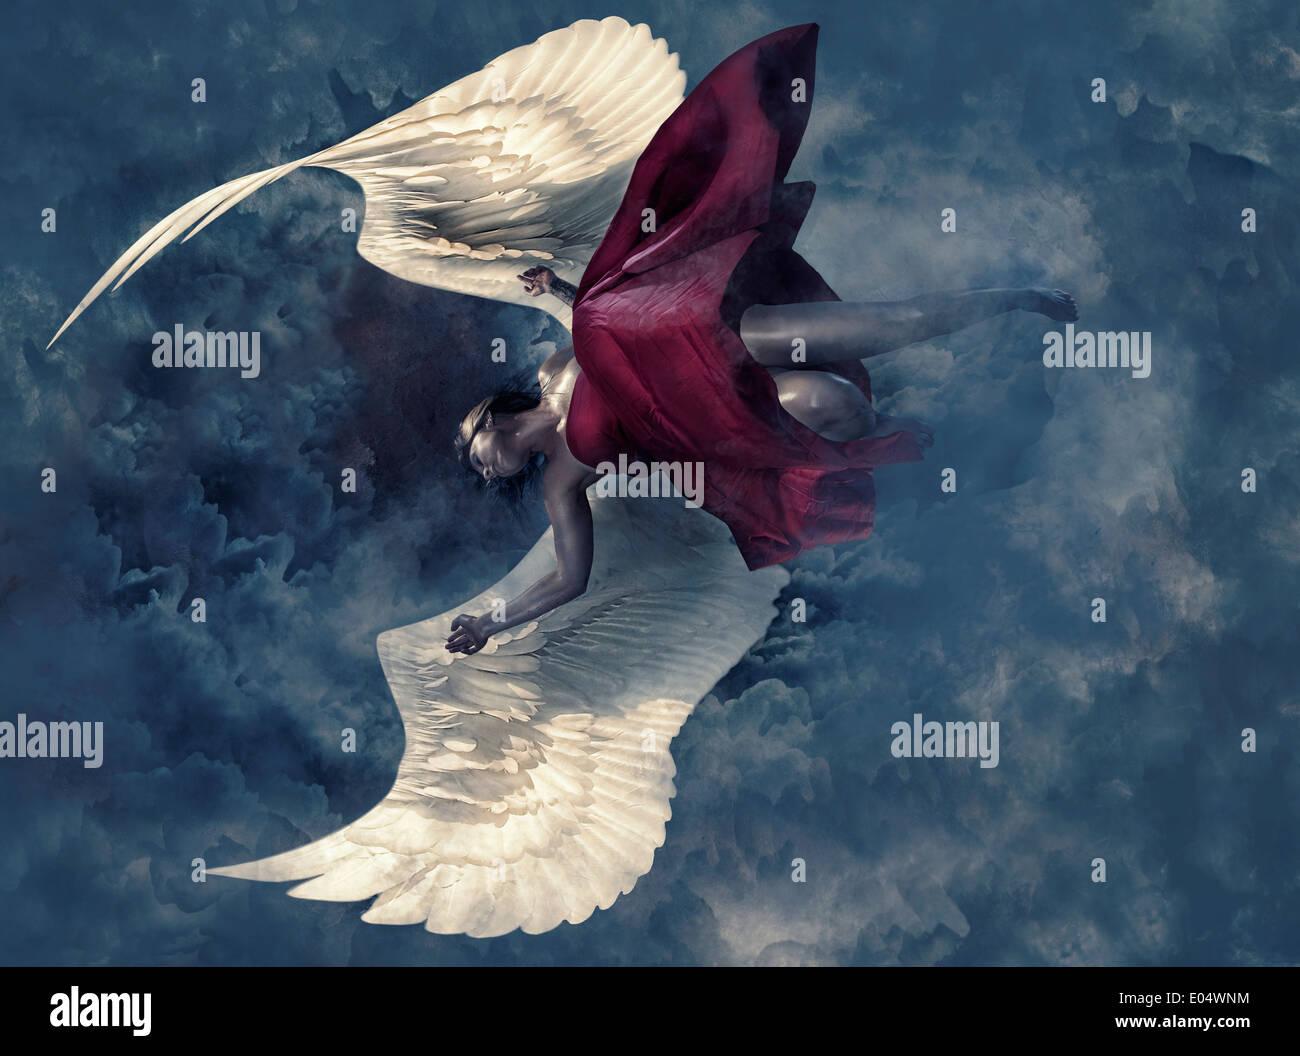 Mujer con alas de ángel que cae por el cielo Imagen De Stock